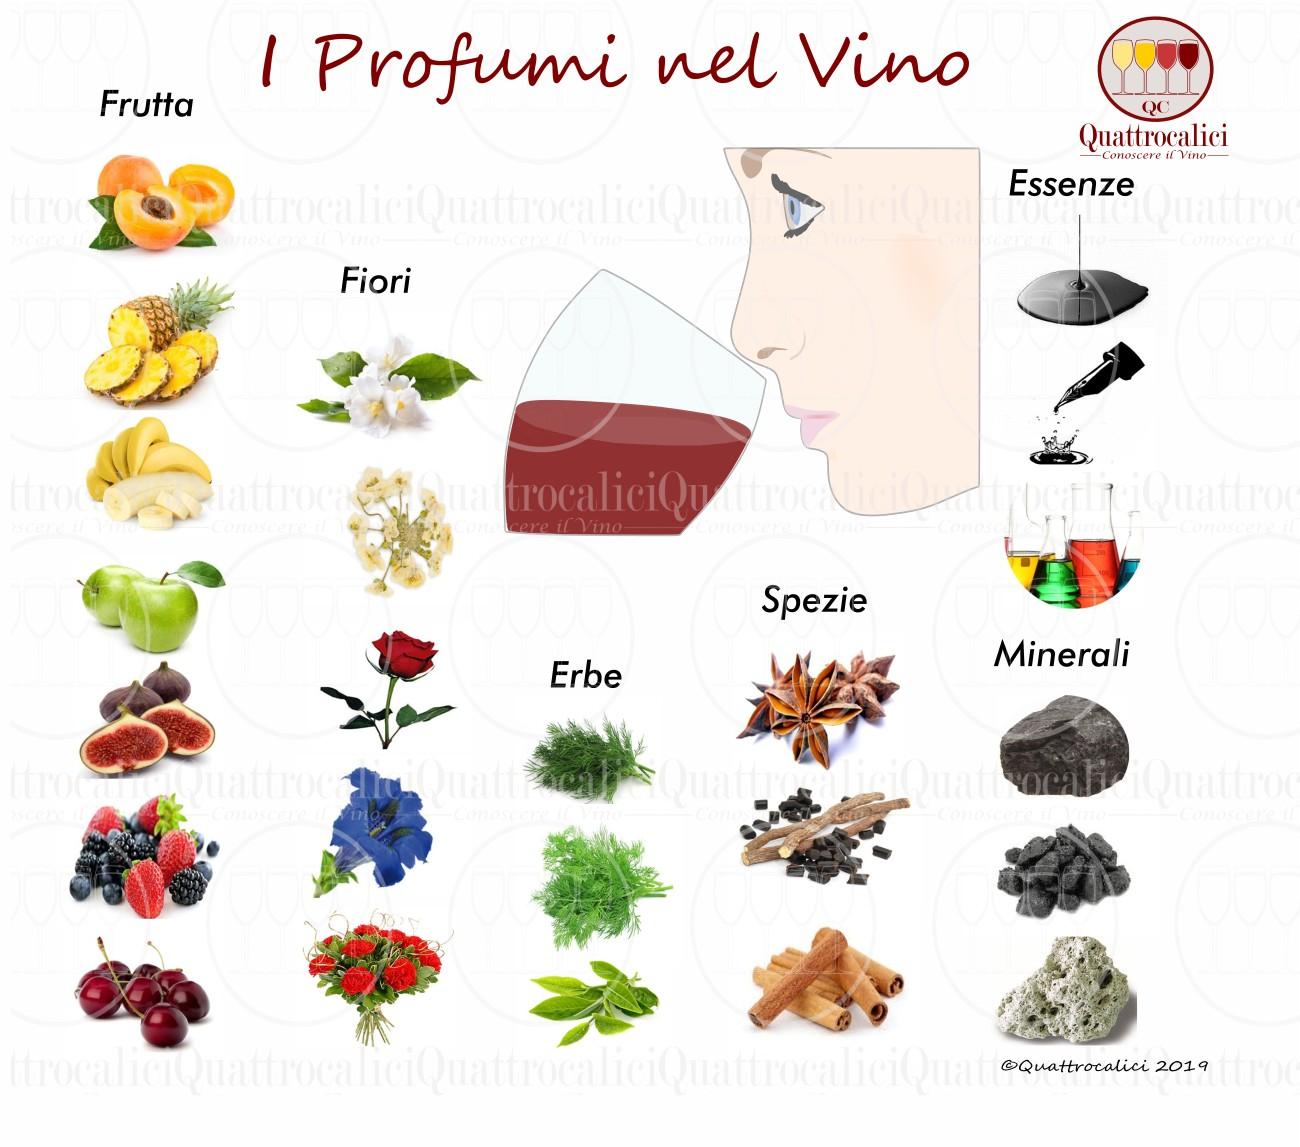 Profumi - Descrittori Olfattivi del Vino